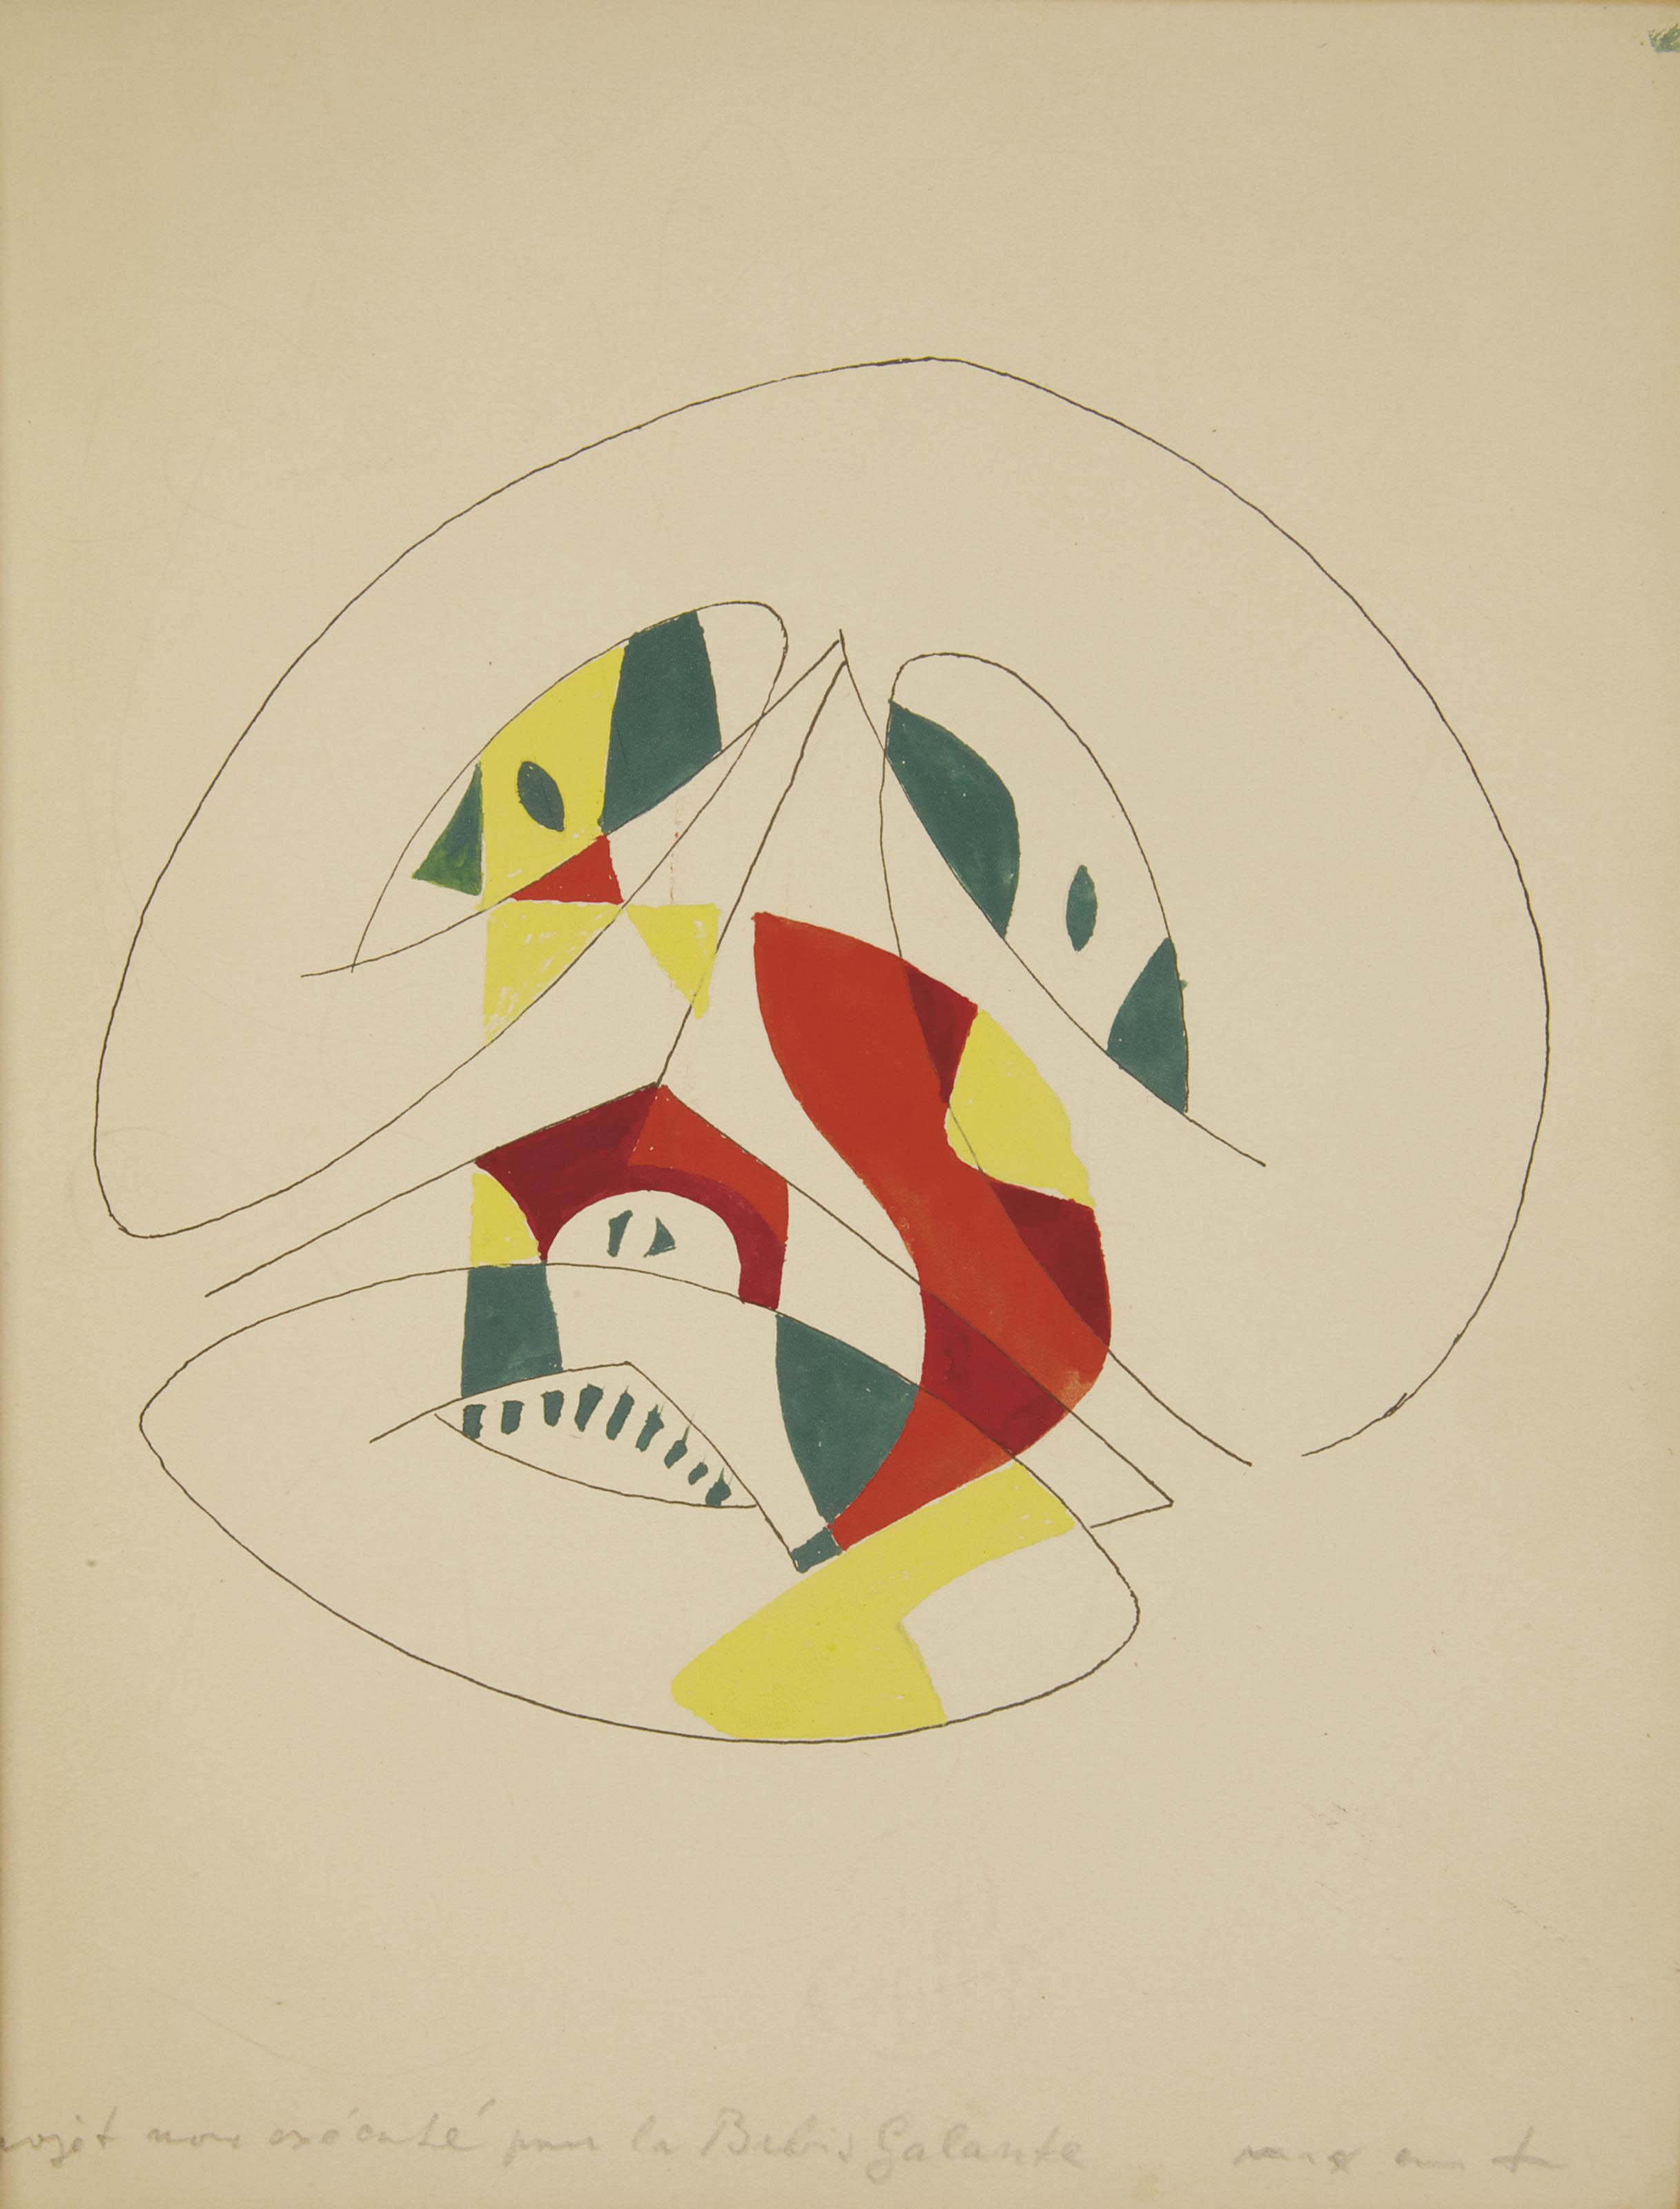 [ERNST] -- PÉRET, Benjamin (1899-1959). La Brebis galante. [Paris: Éditions premières, 1949].